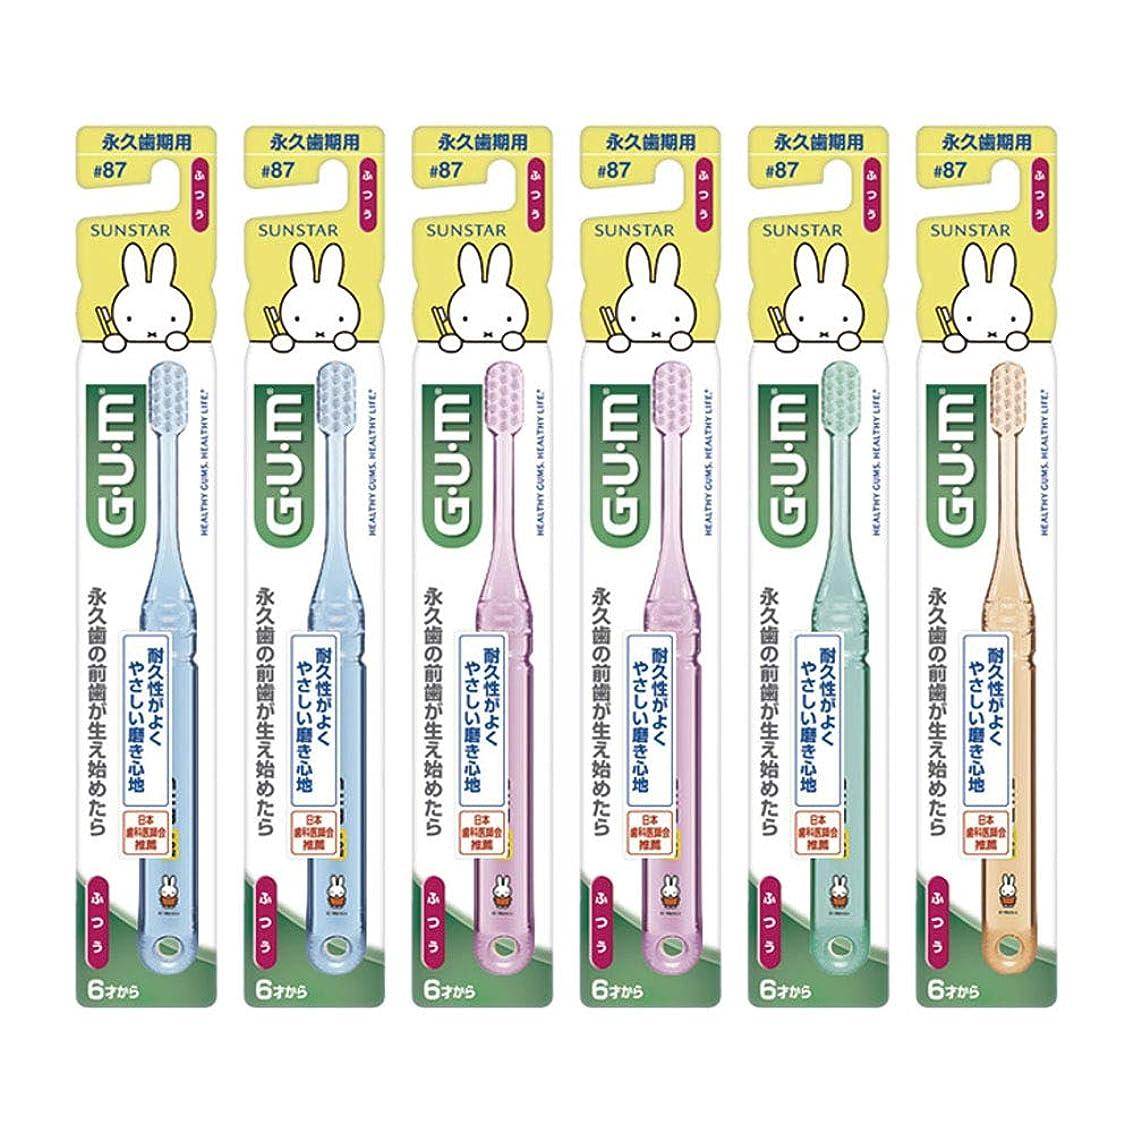 イタリアのナビゲーション煙GUM(ガム) デンタル ハブラシ こども #87 [永久歯期用?ふつう] 6本パック+ おまけつき